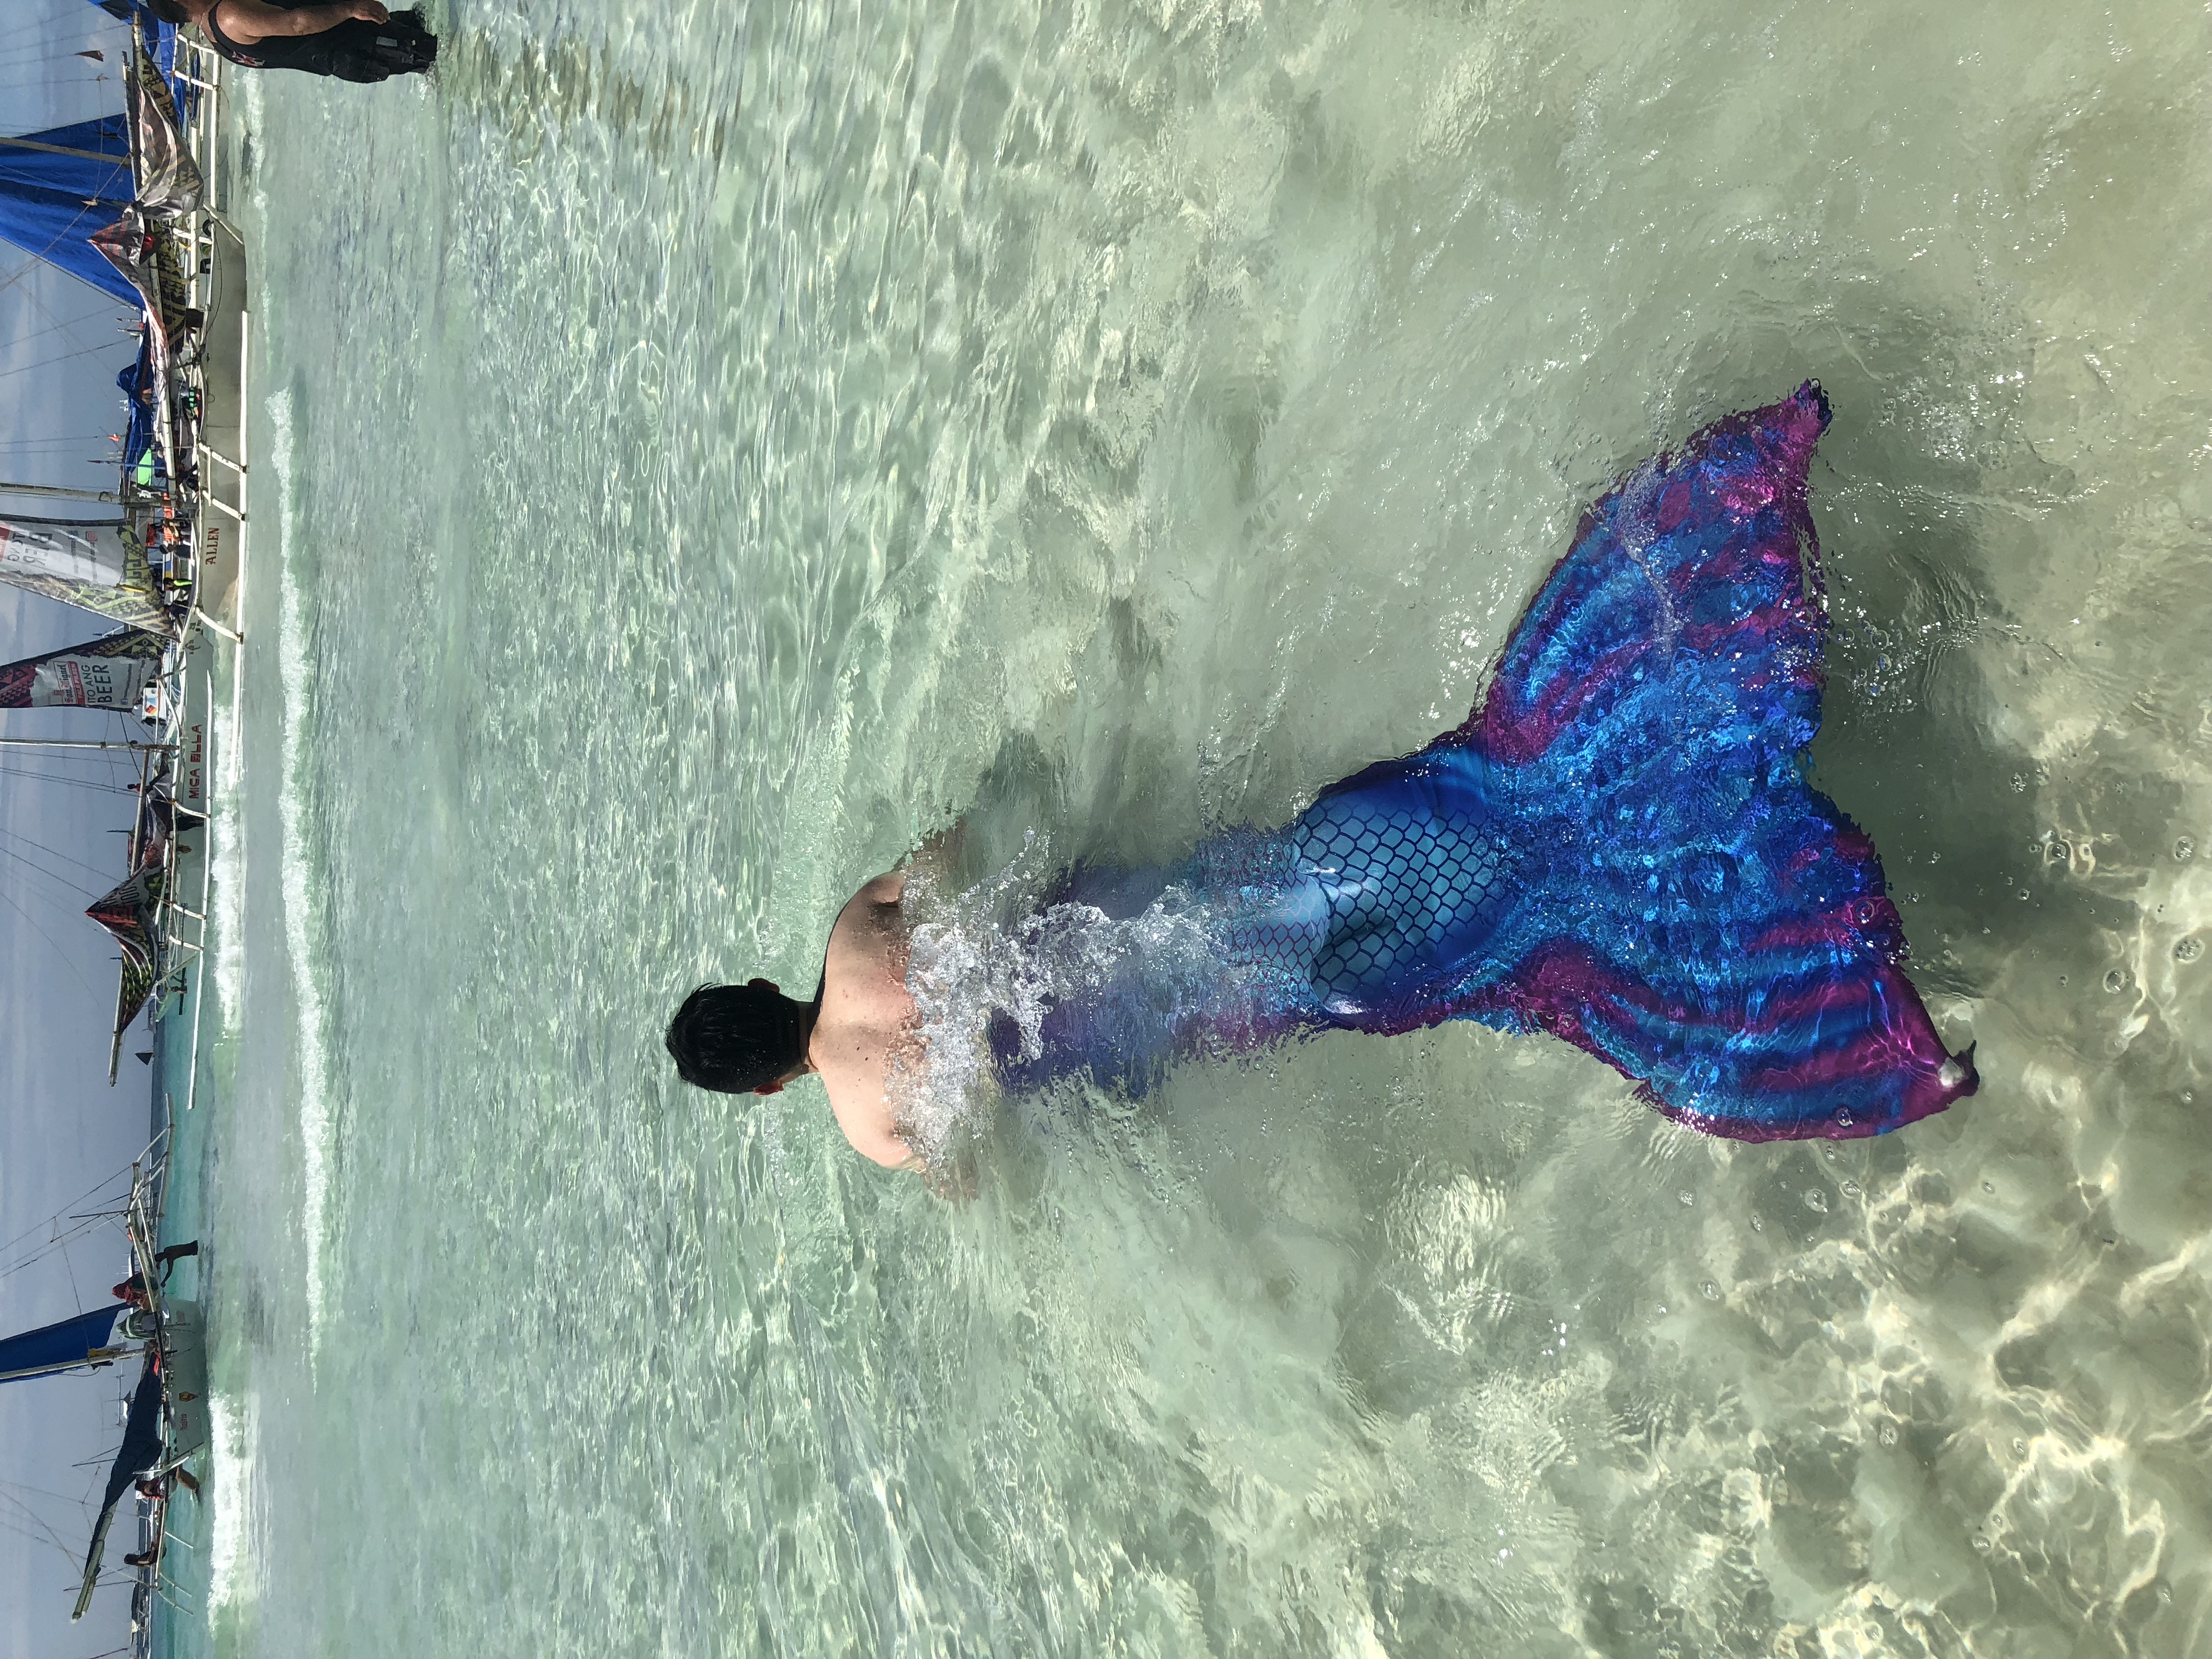 长滩岛人鱼学校 学习像鱼一样游泳